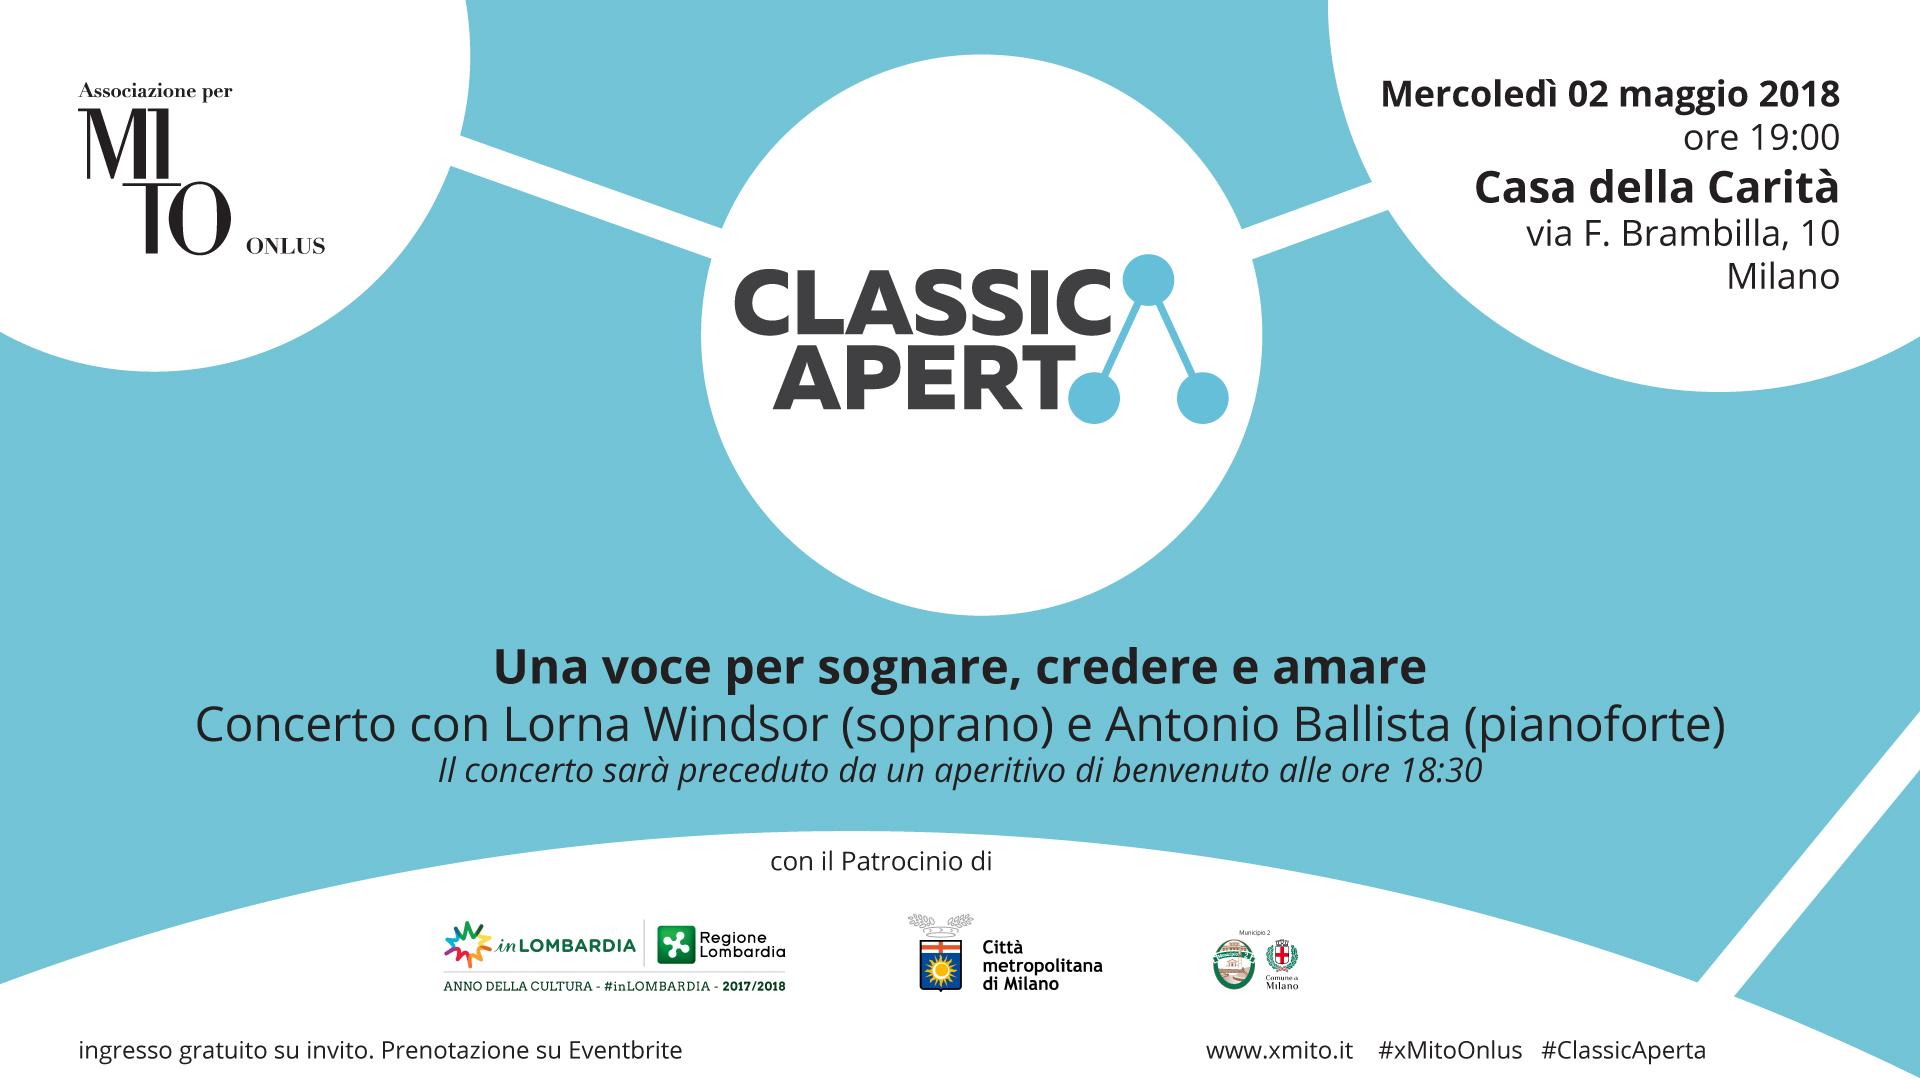 xMito invita ClassicaAperta